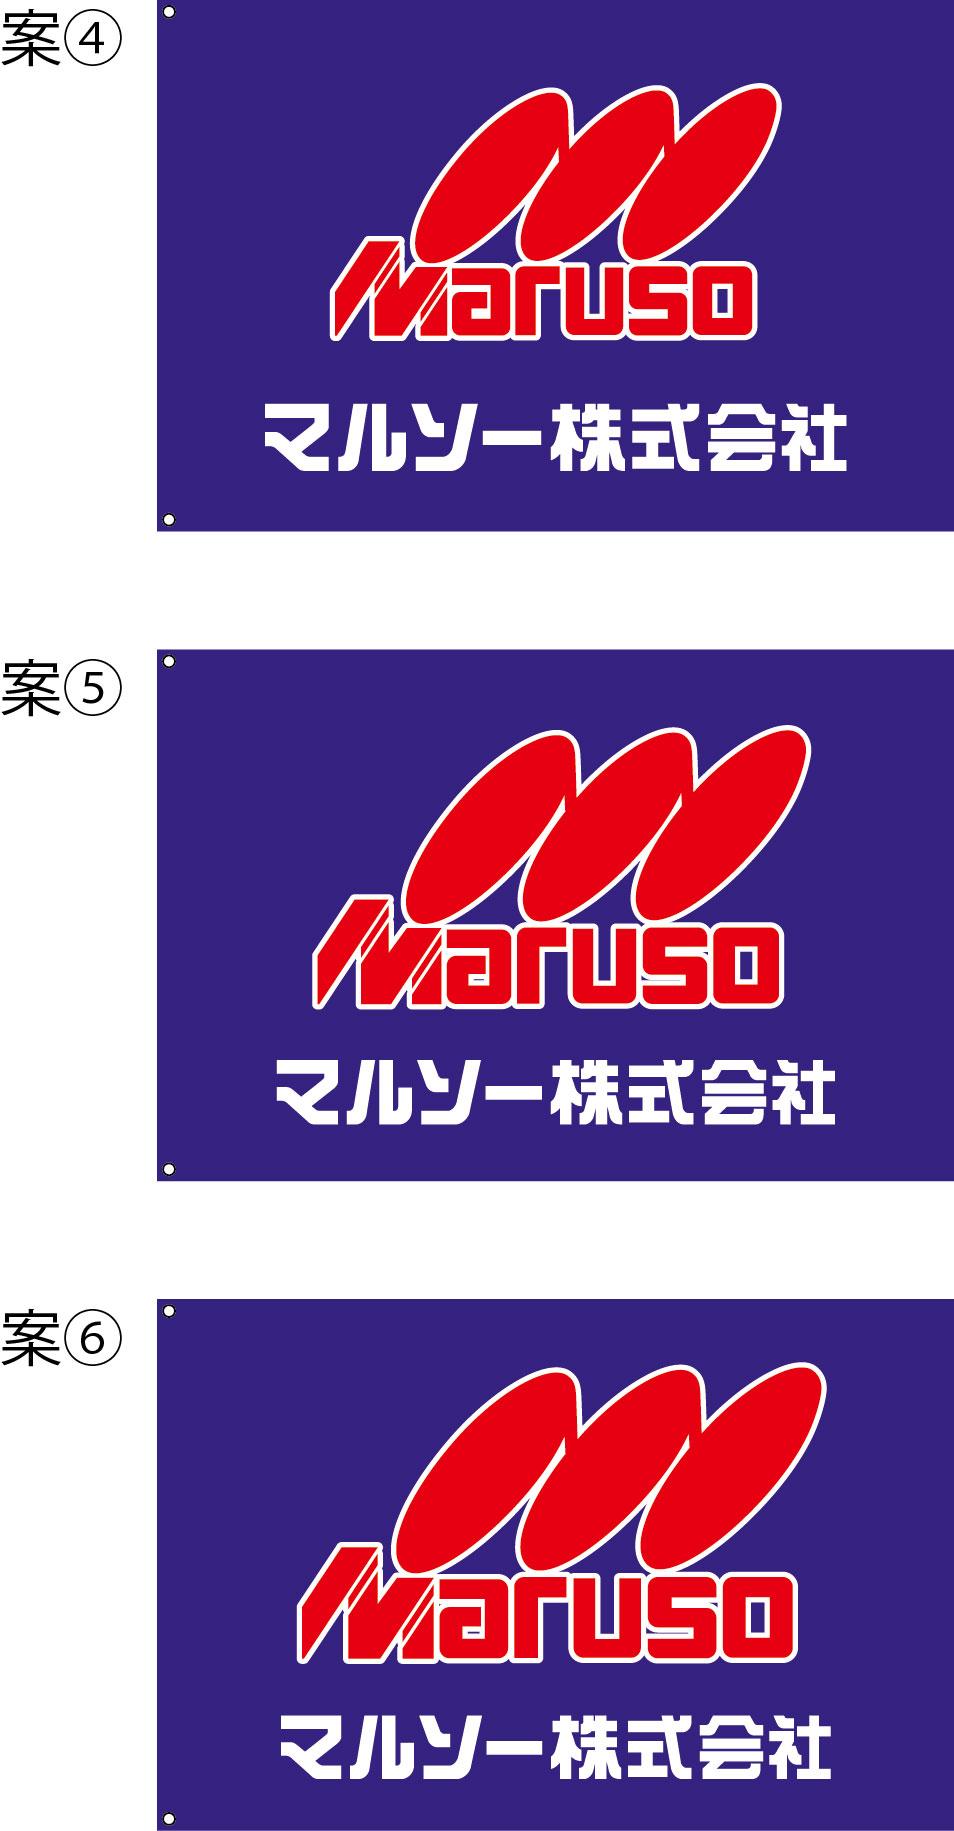 MARUSO 旗 修正原稿